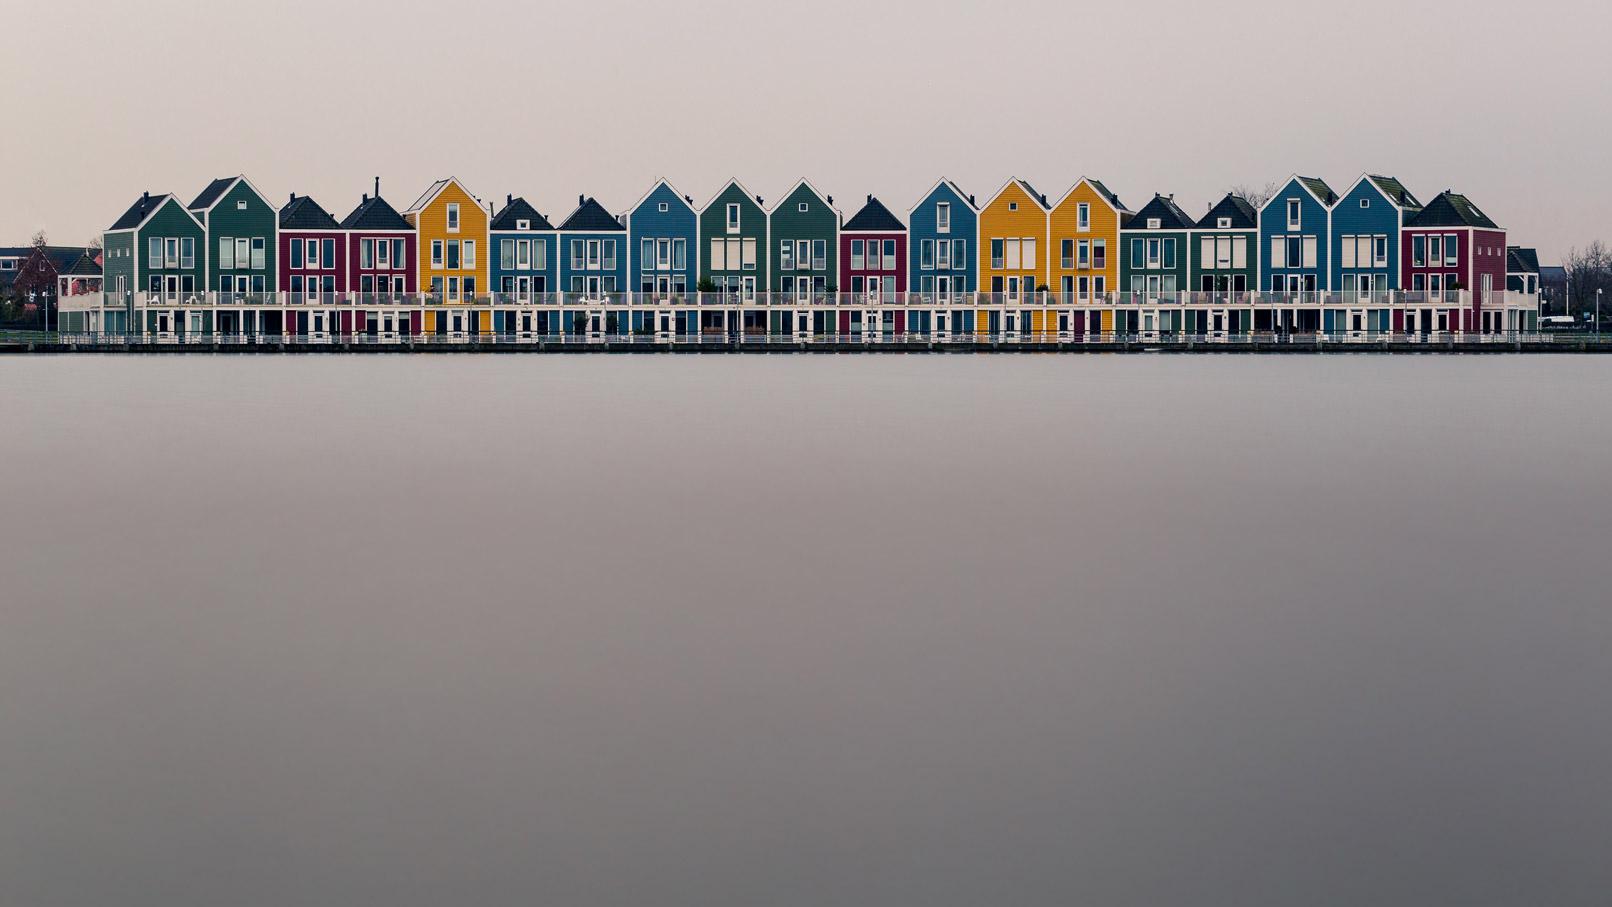 Häuser vor einem See, die Langzeitbelichtung glättet das Wasser